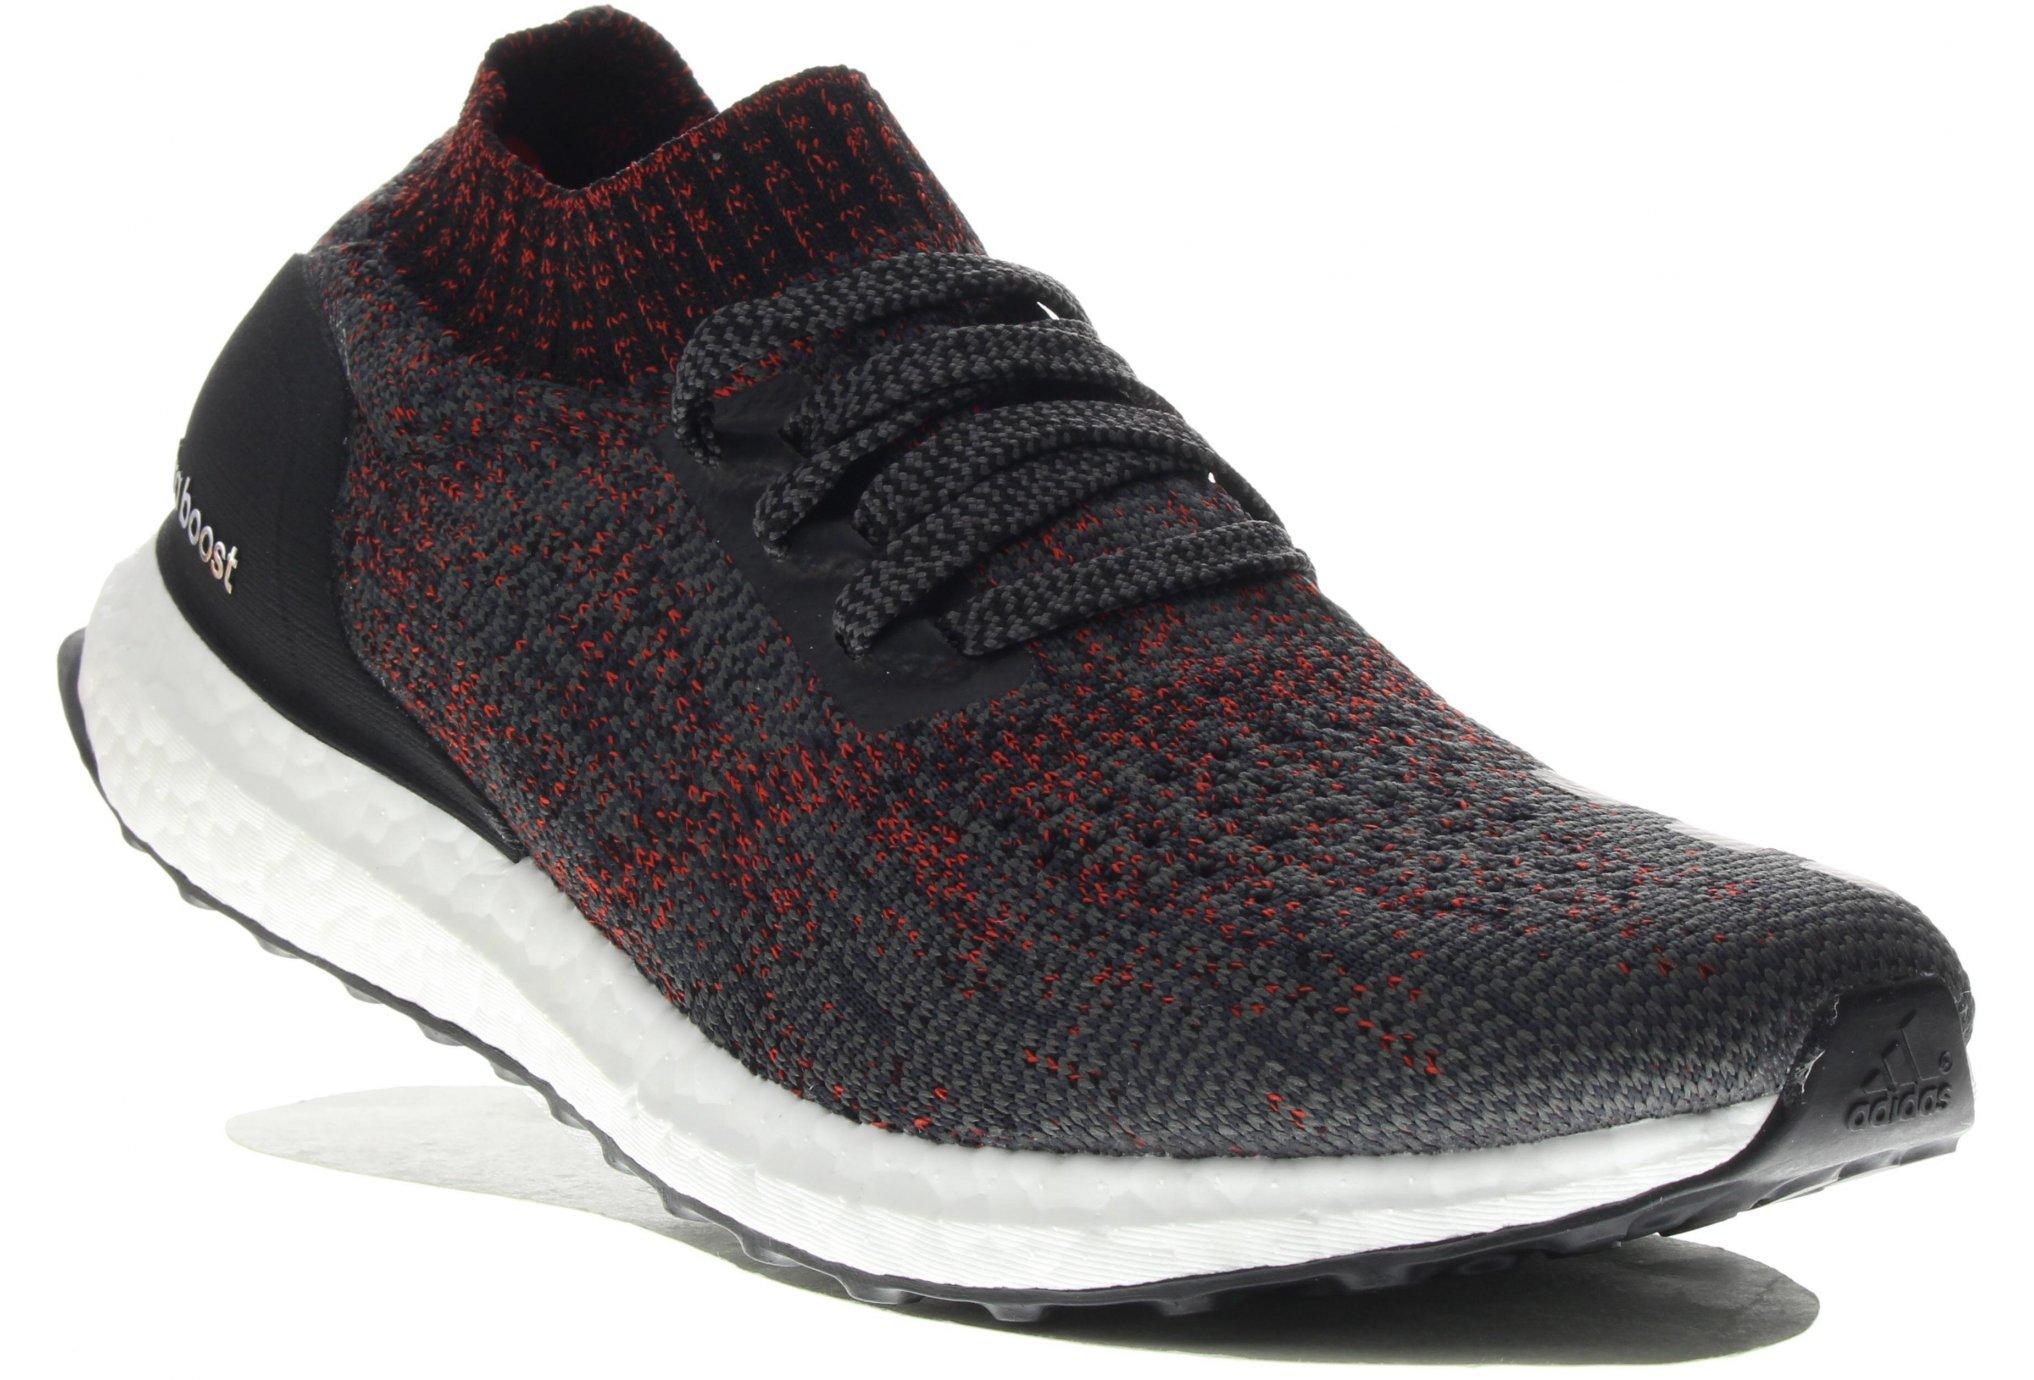 sports shoes 15a49 25810 Under Armour Speedform Velociti GR M homme Rouge pas cher